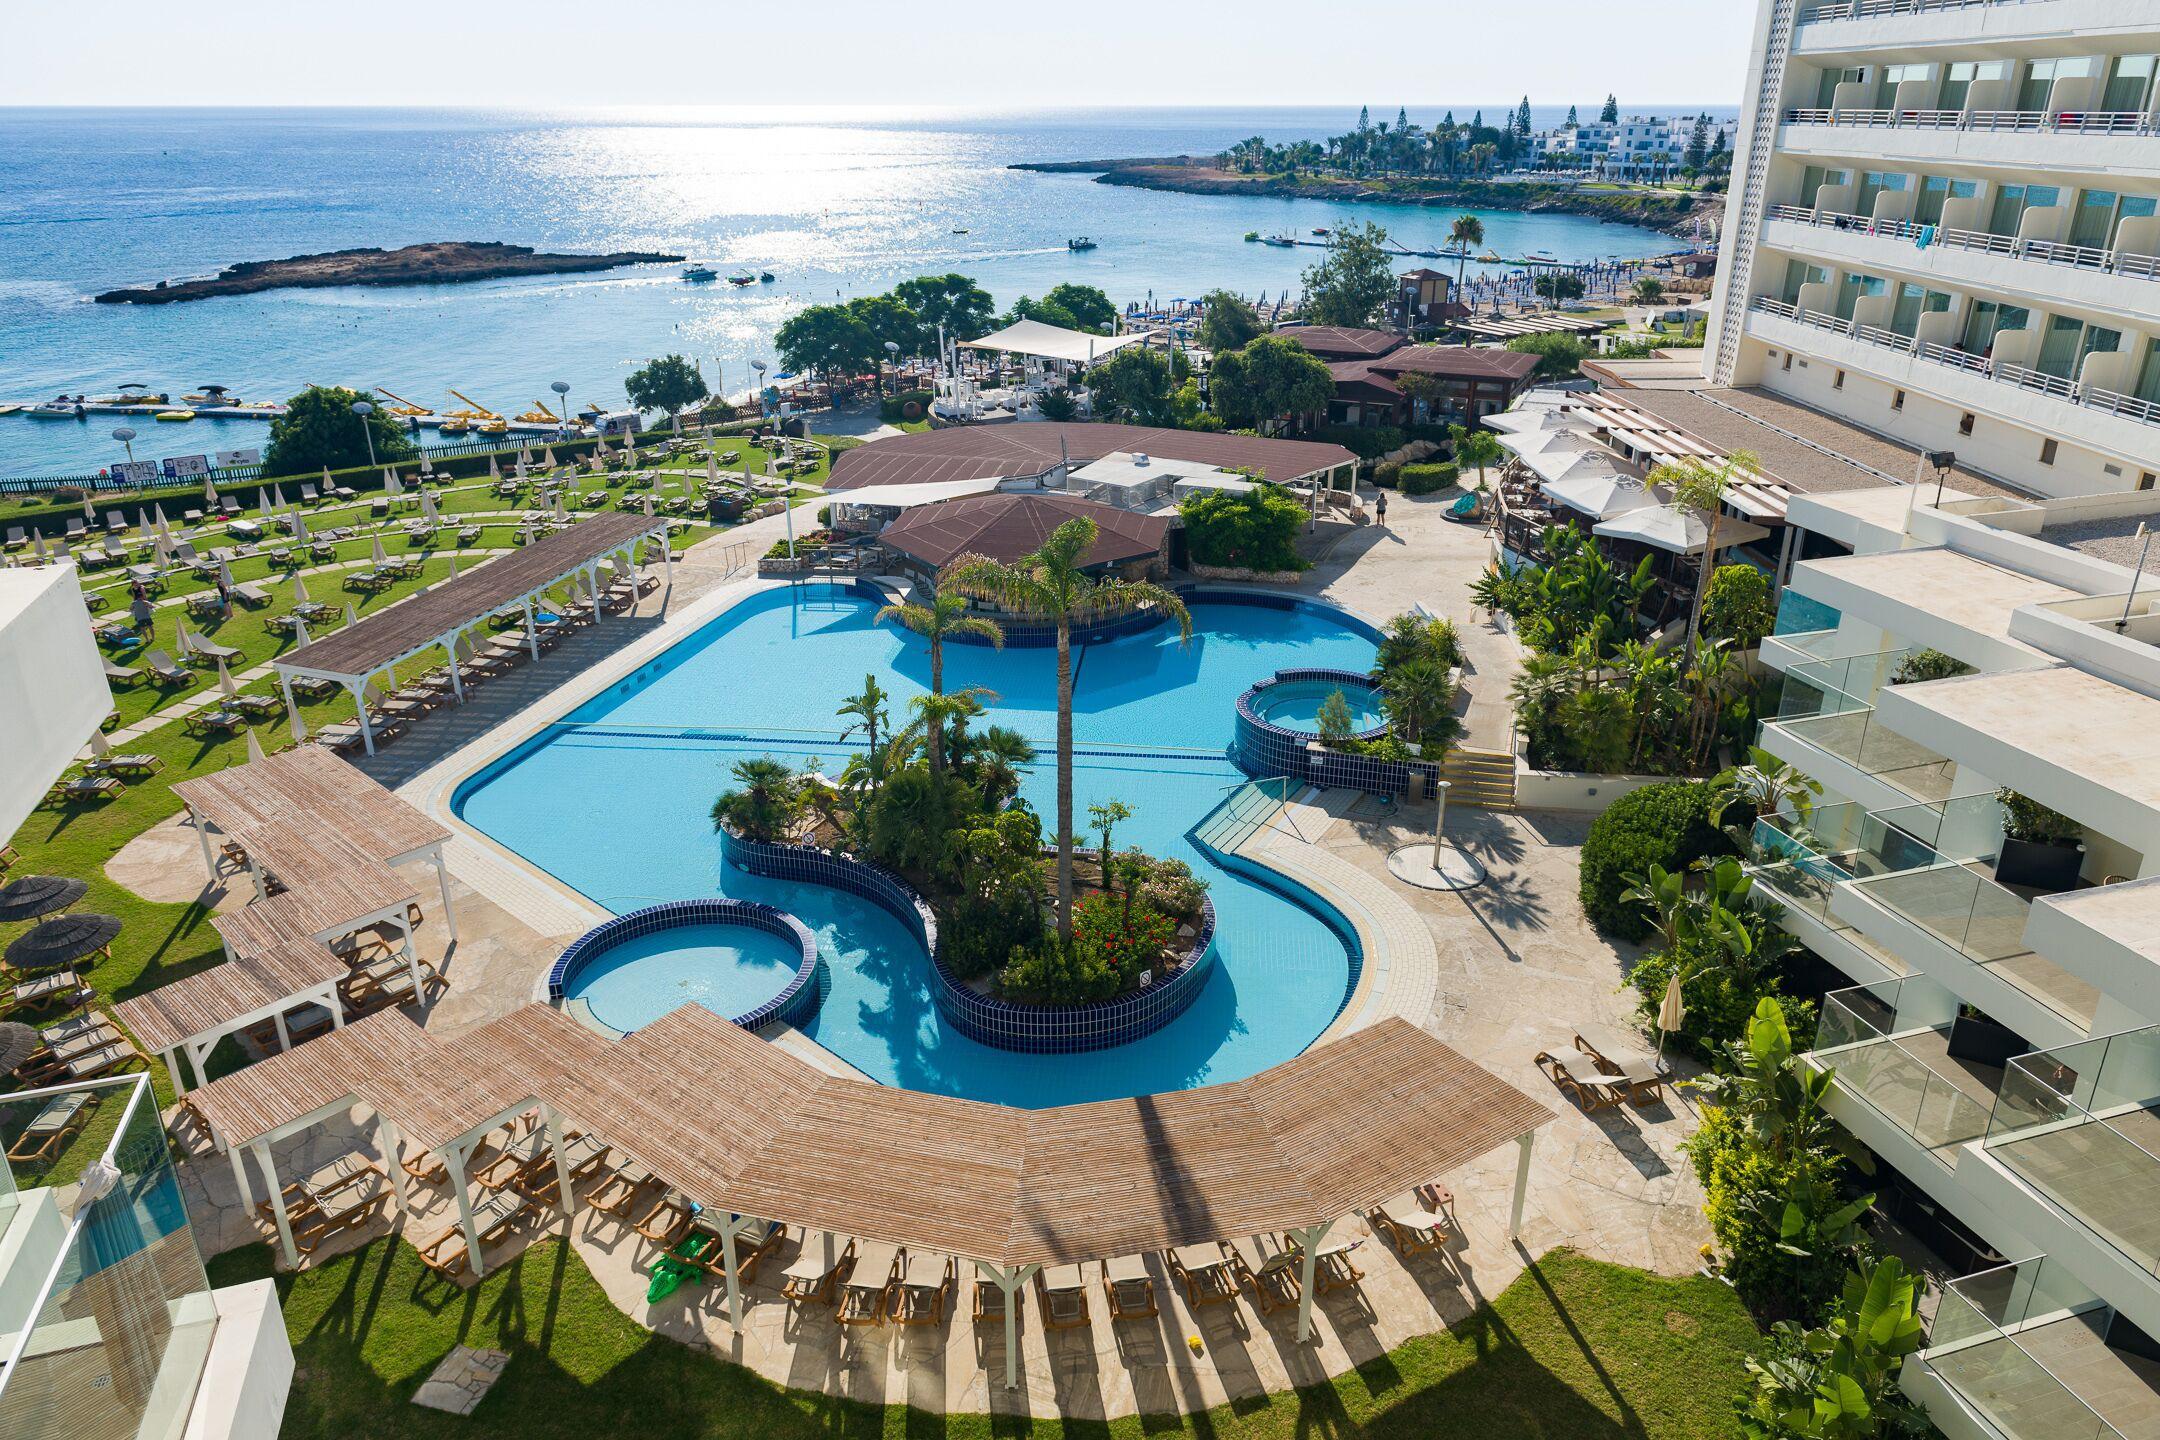 Courtesy of Capo Bay Hotel / Expedia